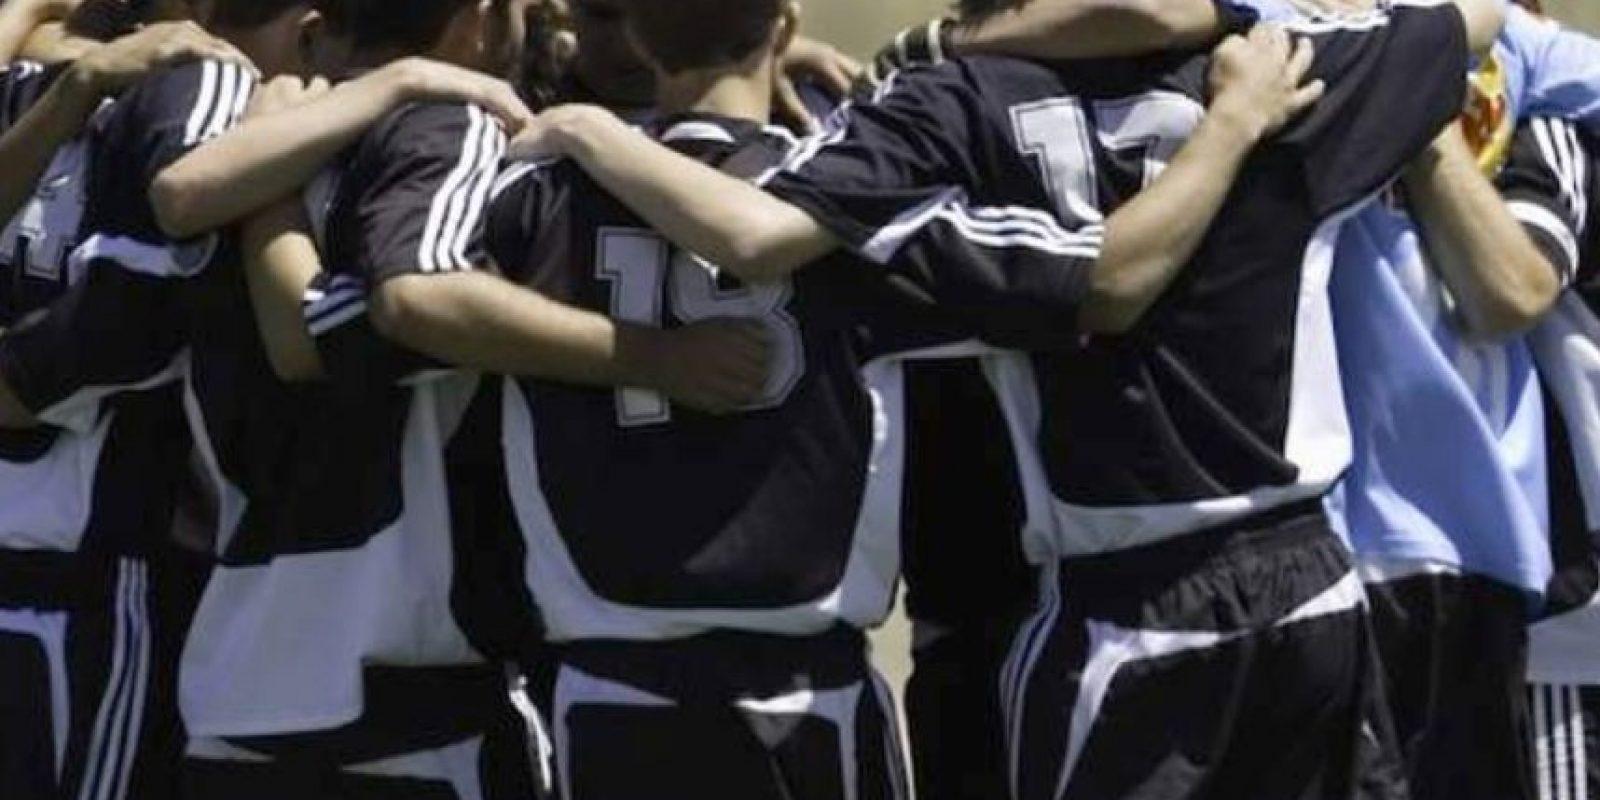 El equipo amateur de Francia llegó con muchas ausencias a su partido ante el Tipigny Foto:http://asmg.footeo.com